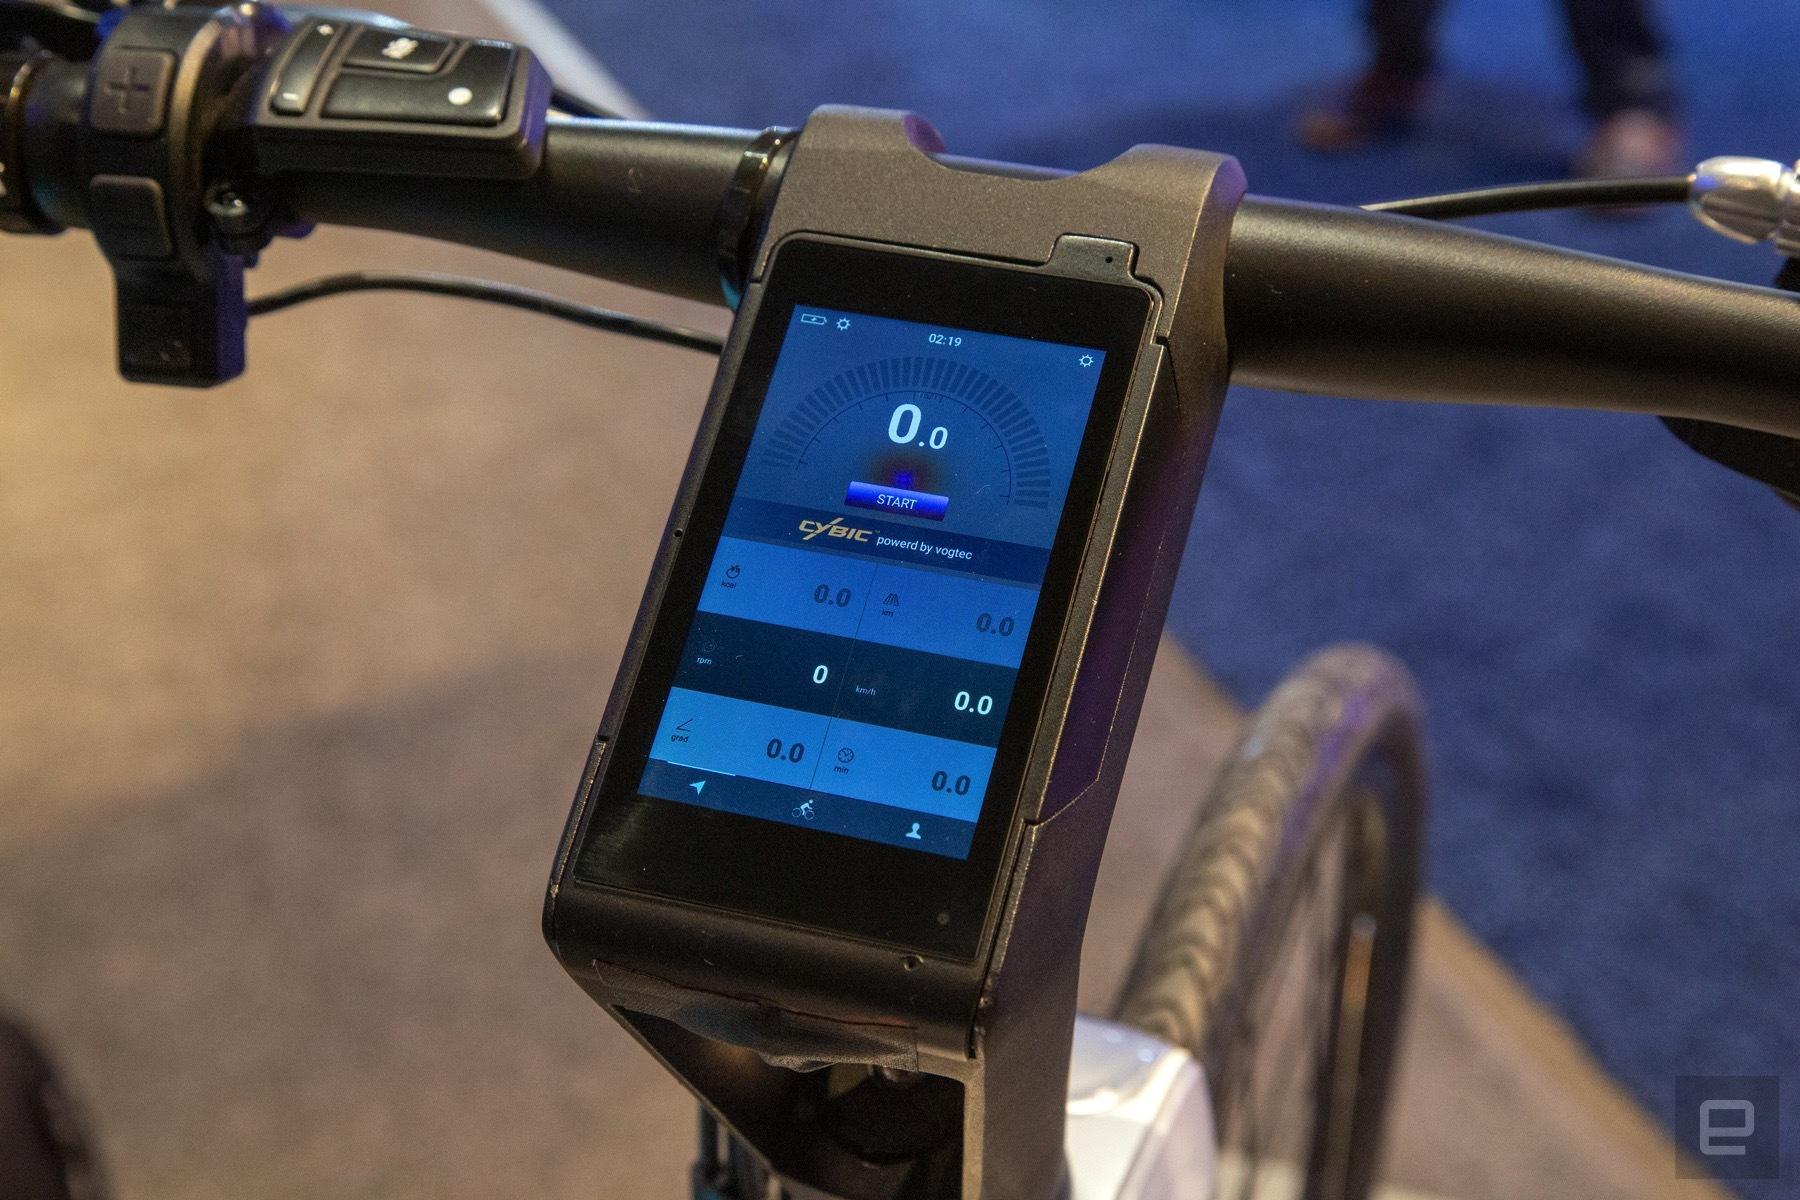 اولین دوچرخه مجهز به دستیار شخصی الکسا +تصاویر